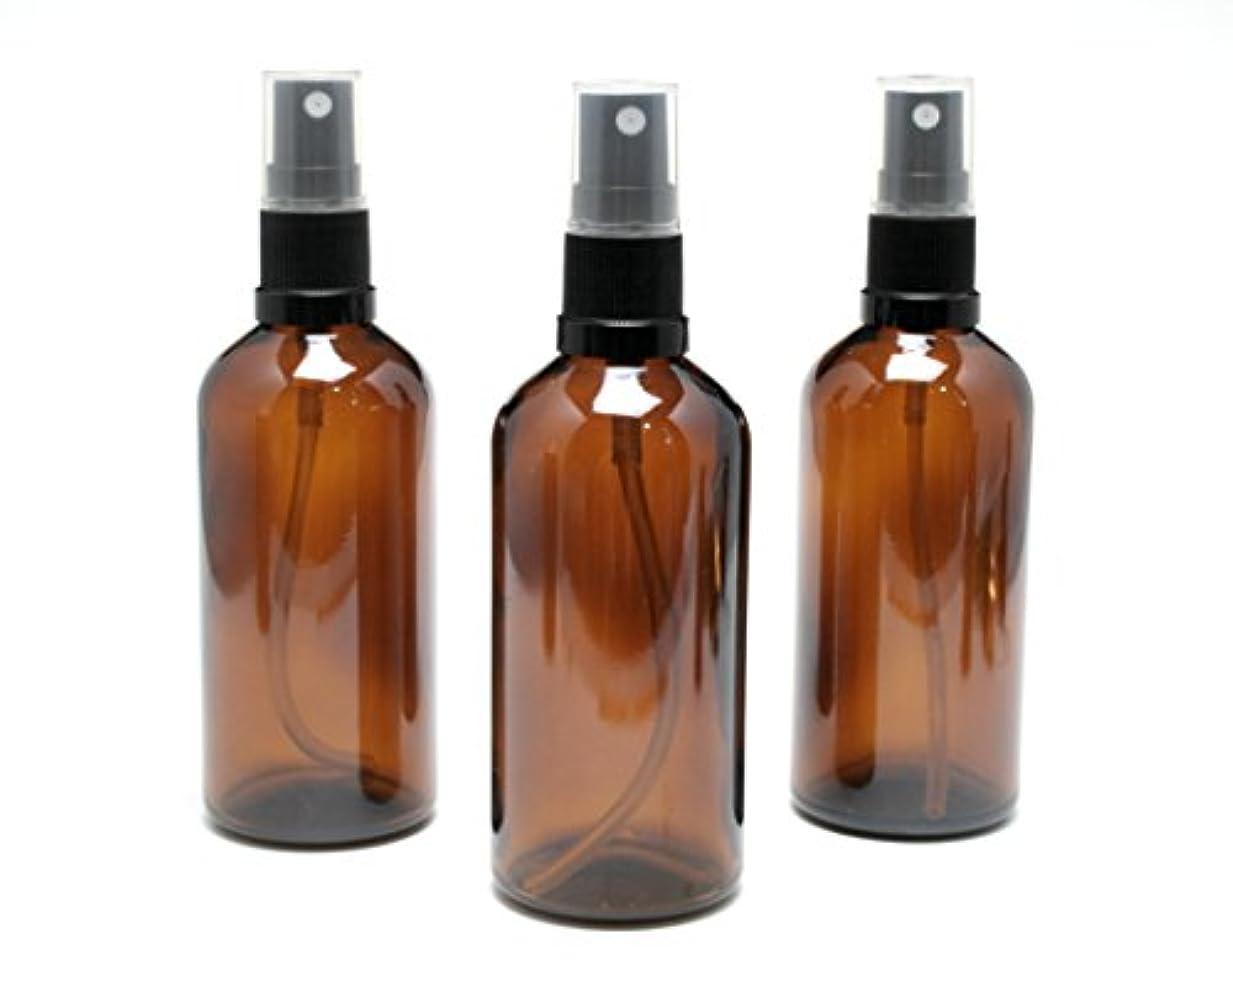 クラウンの面ではマーキング遮光瓶 スプレーボトル 100ml アンバー/ブラックヘッド(グラス/アトマイザー) 【新品アウトレット商品 】 (1) 3本セット)